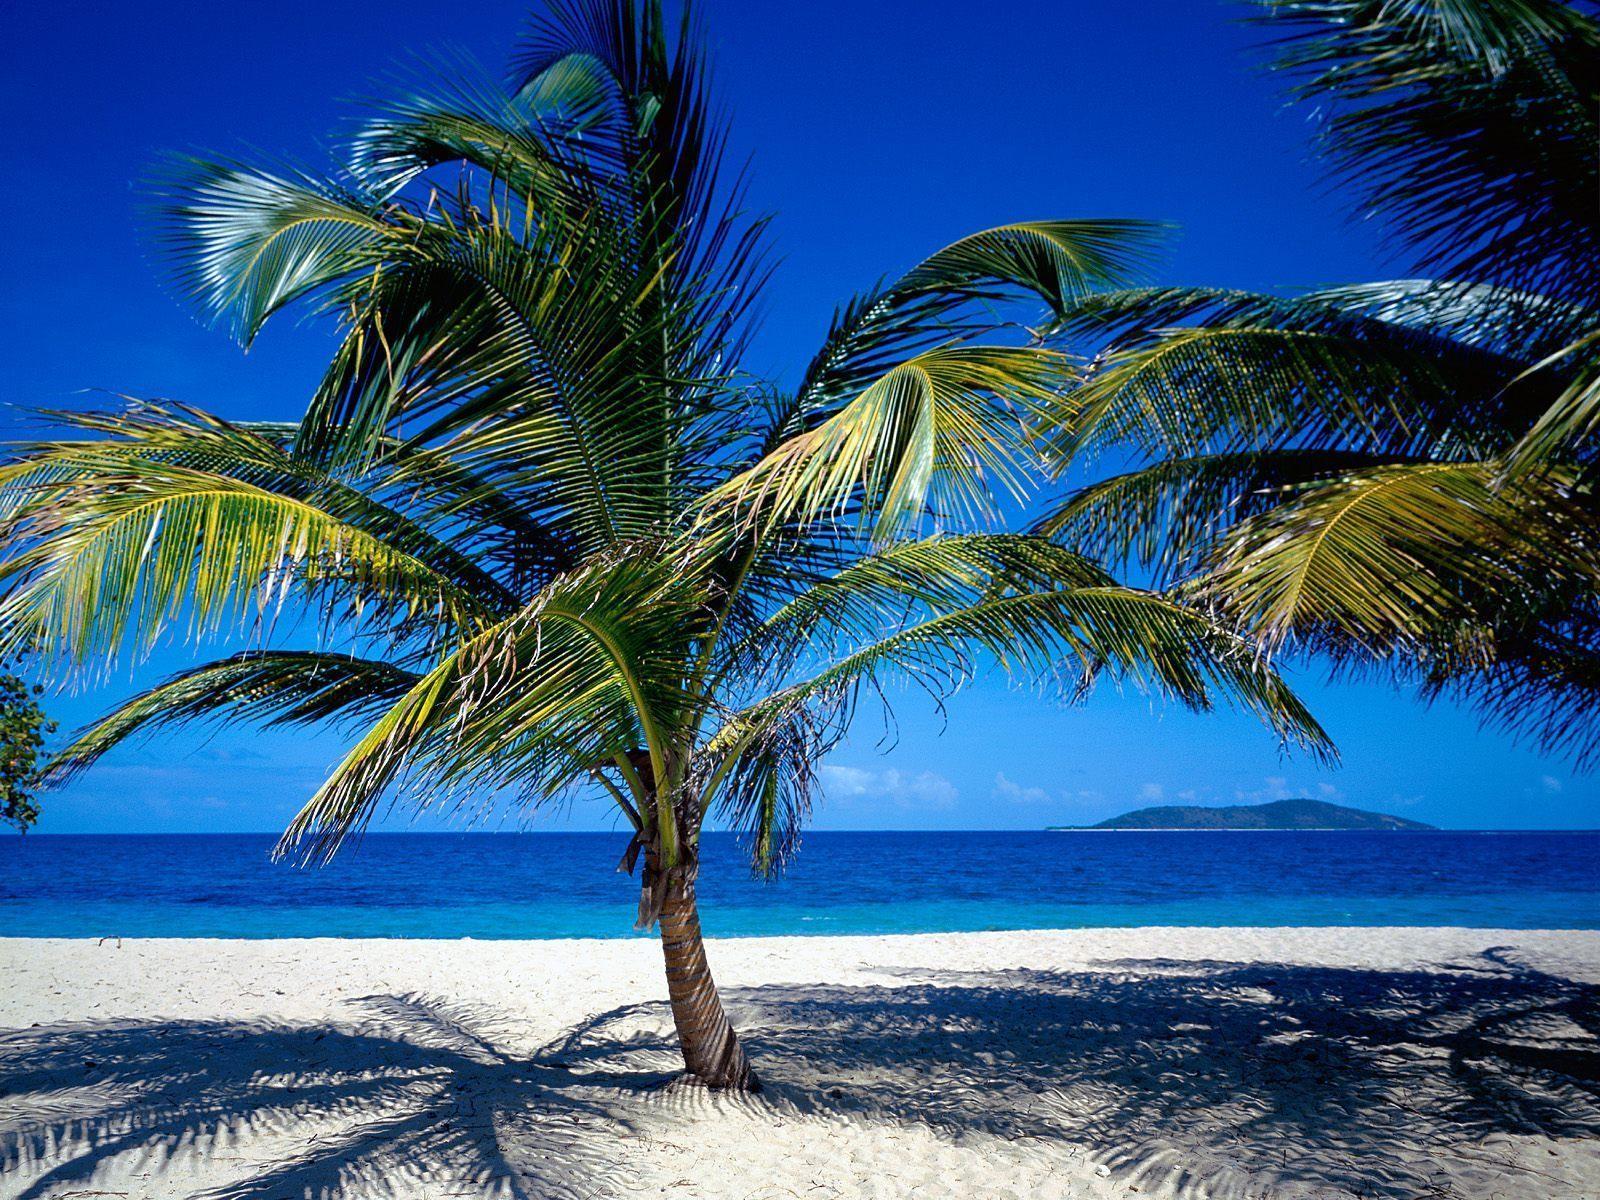 natural beach pretty wallpaper - photo #6